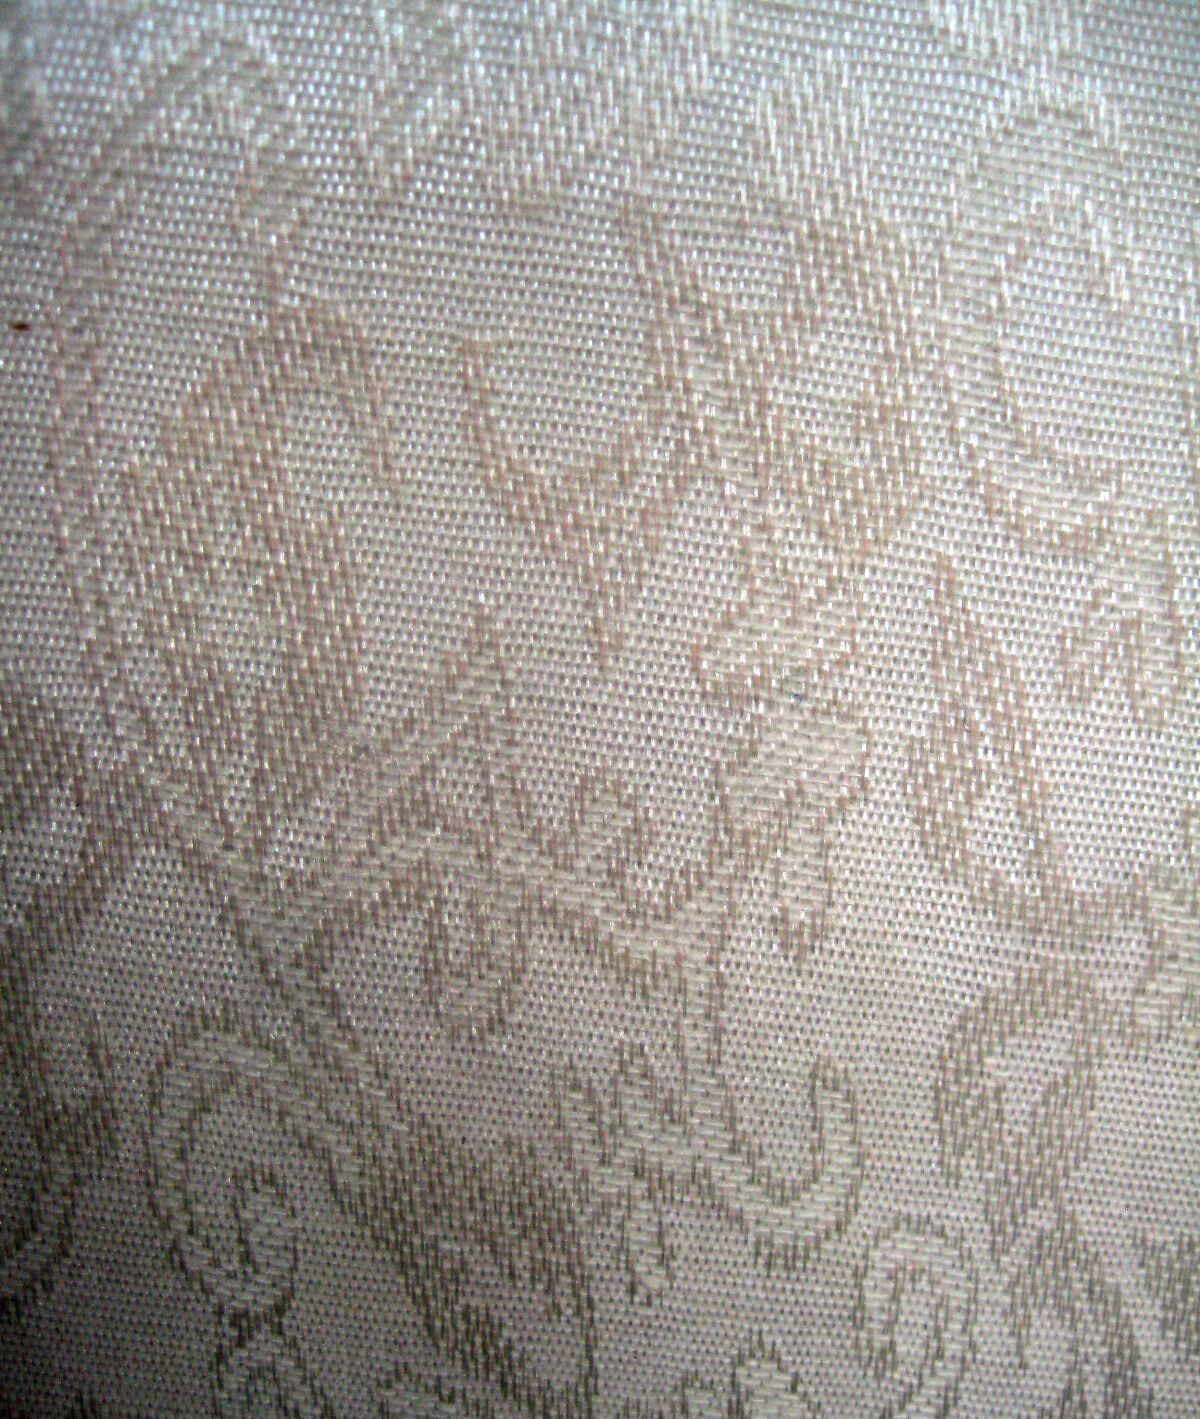 asiatisches rollbild wanddeko tuschmalerei v gel handgemalt 190x41cm 122 eur 27 99. Black Bedroom Furniture Sets. Home Design Ideas